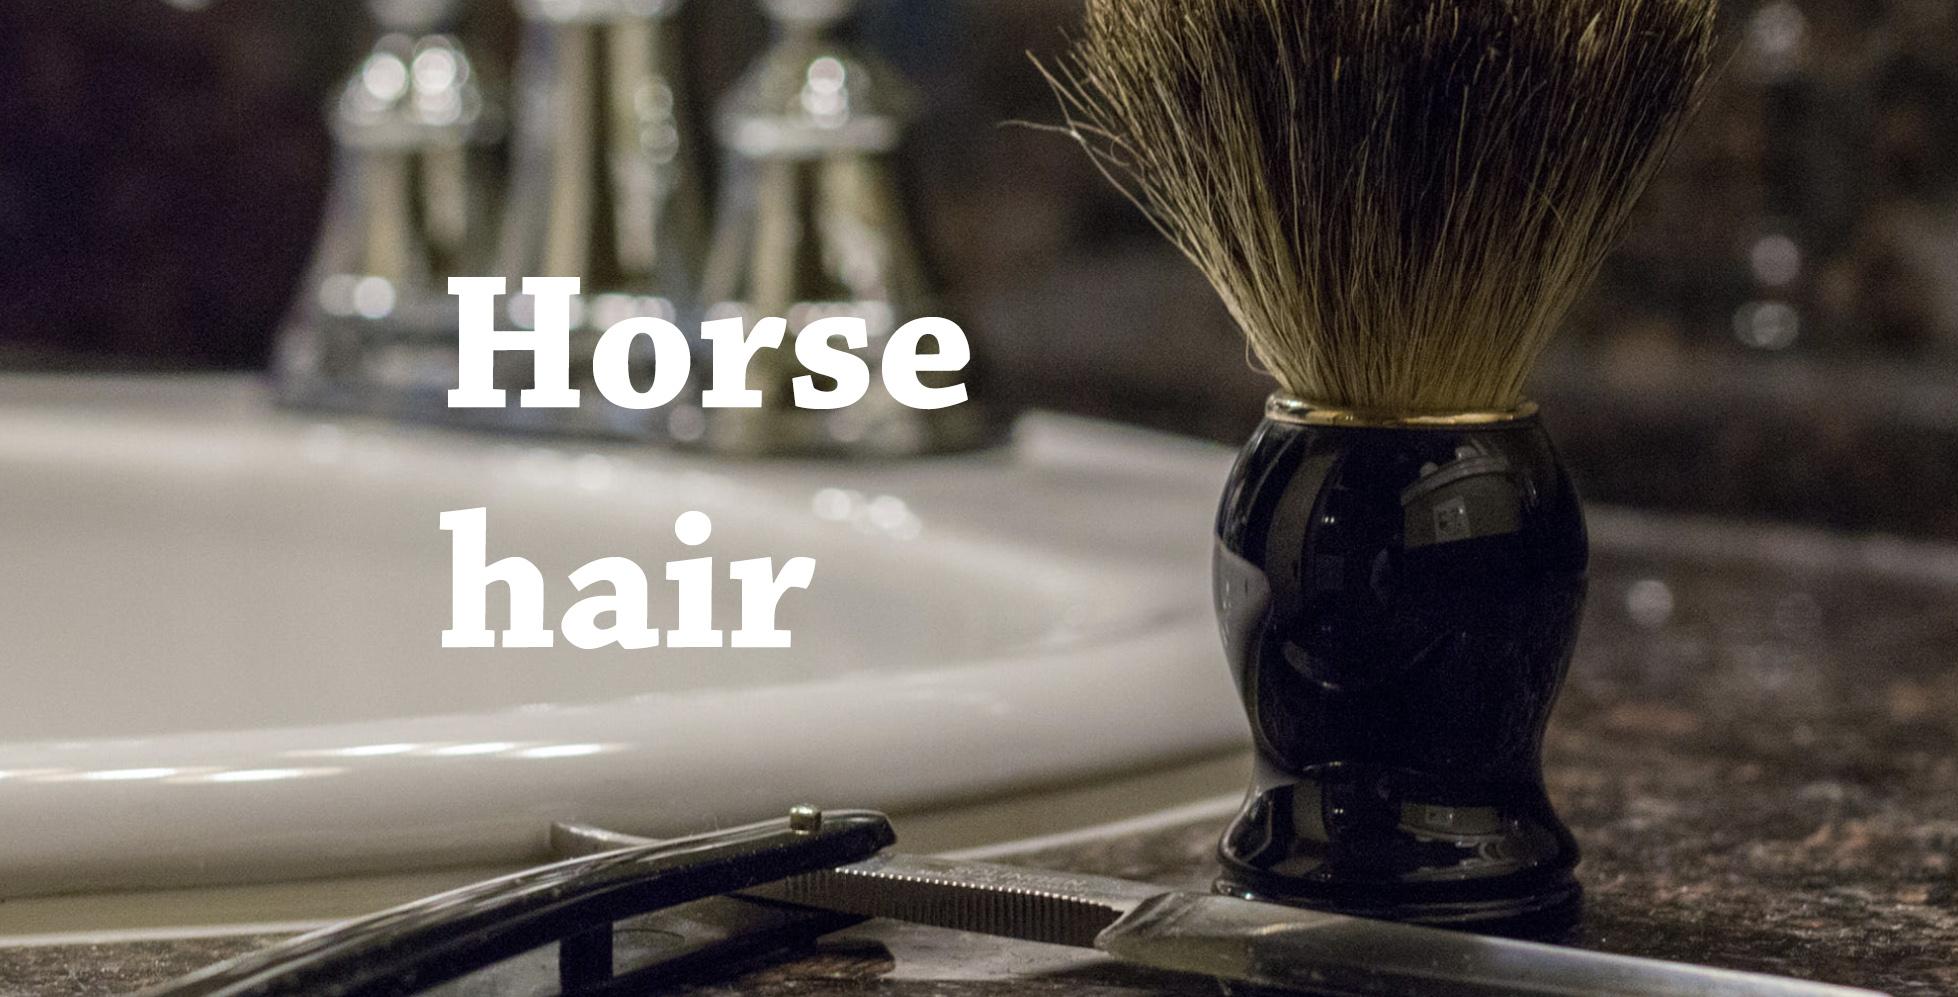 horse shaving brush brume